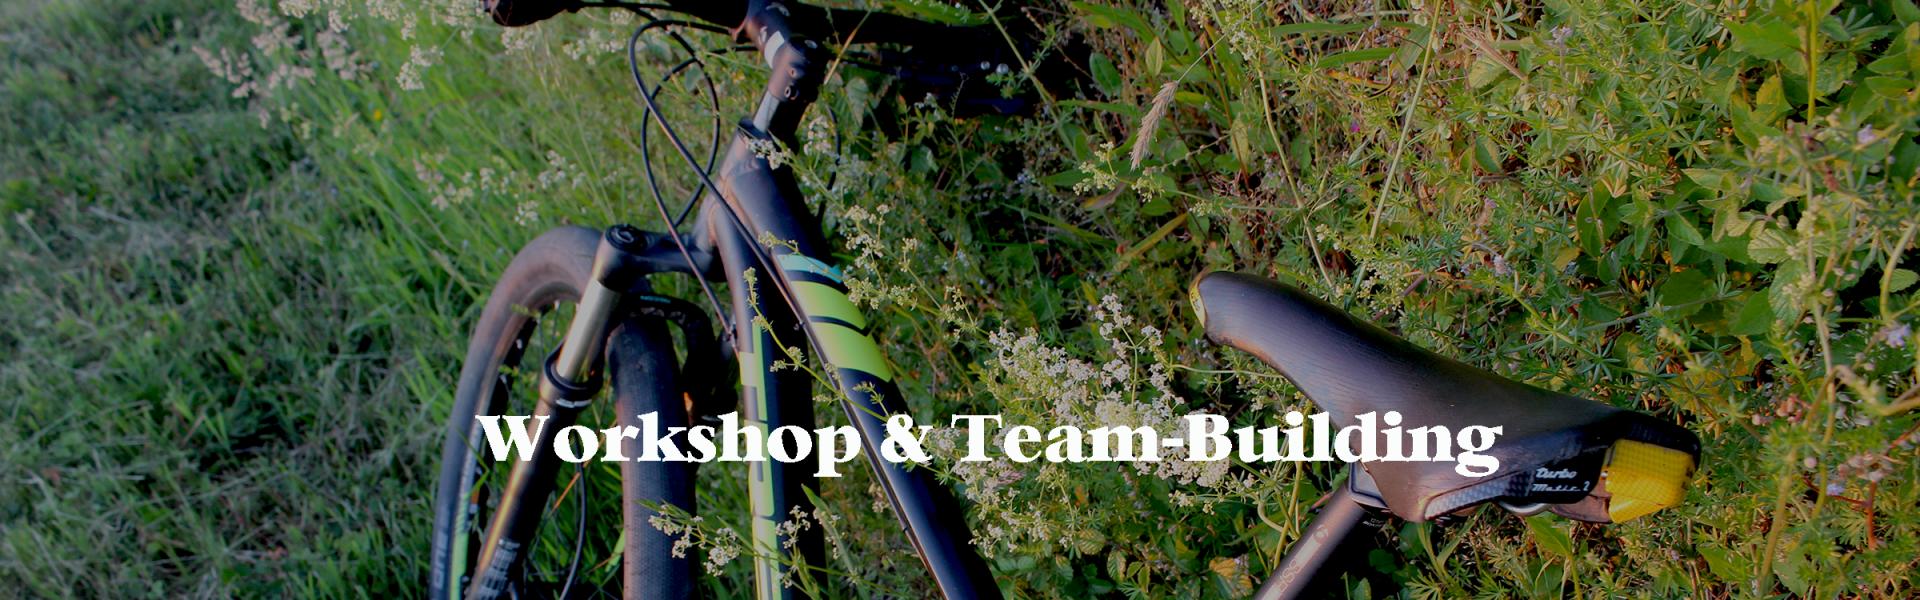 Vous recherchez une activité de team-building ?